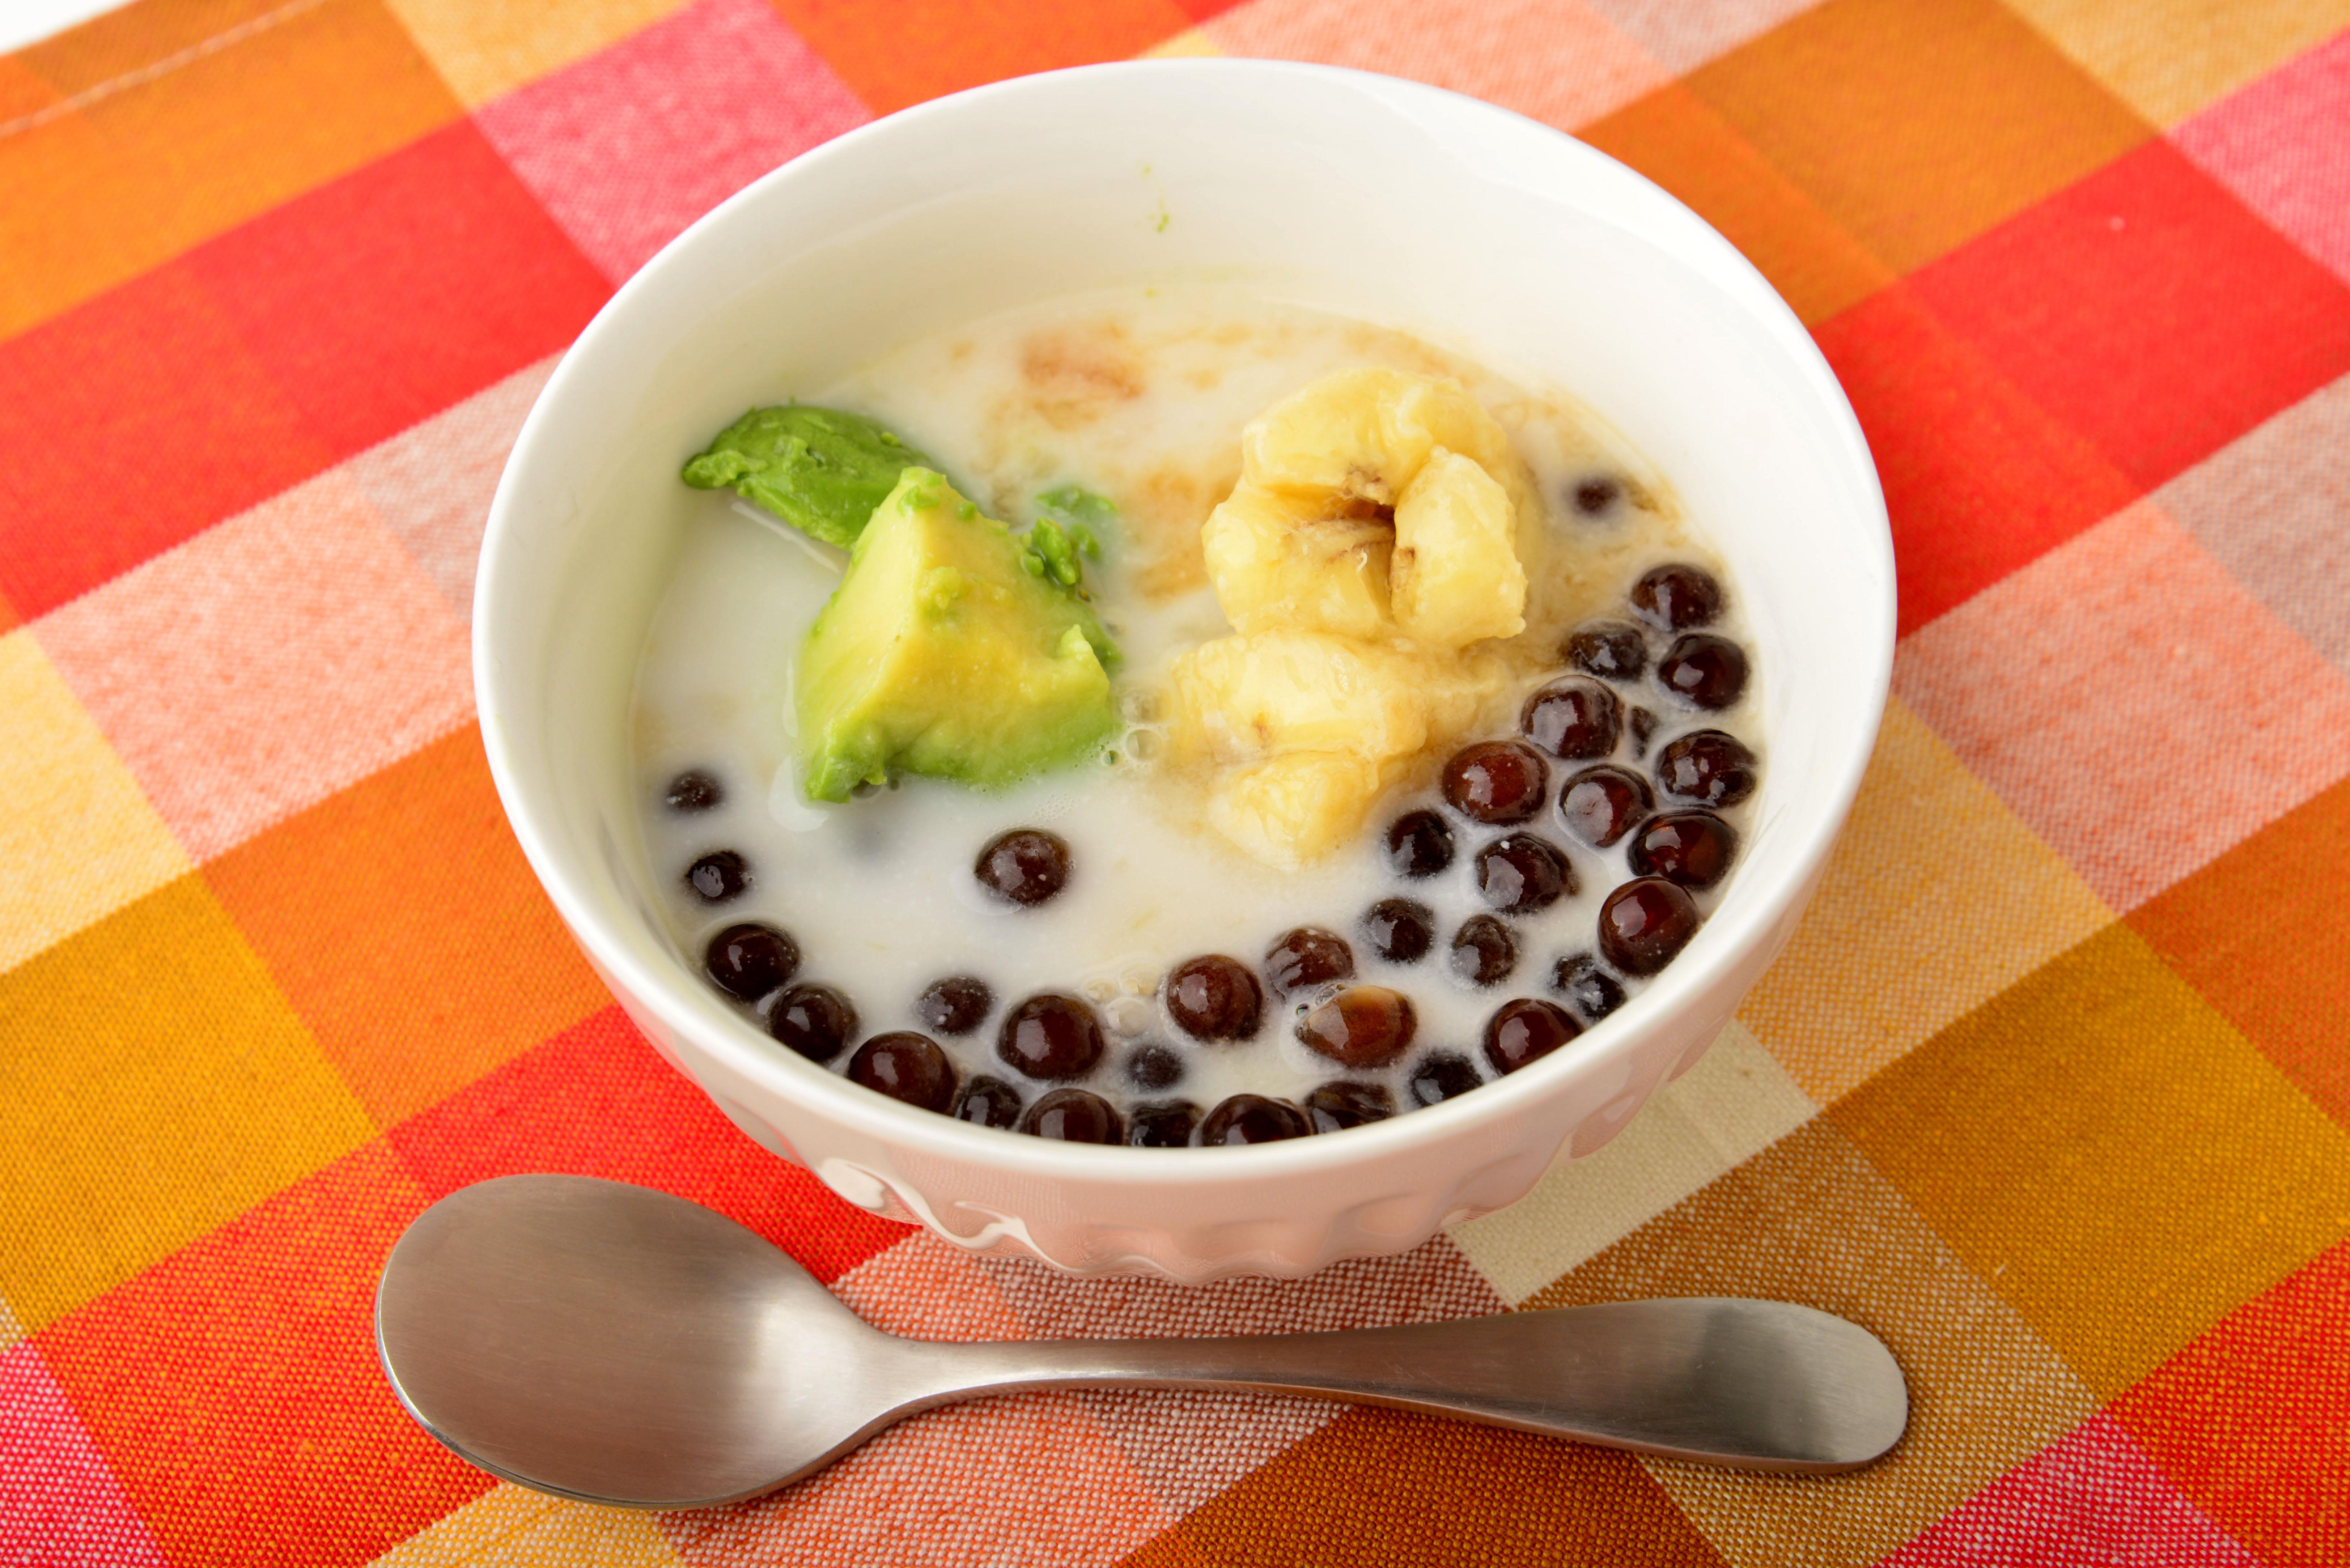 アボカドとバナナとココナッツミルクのデザートの写真